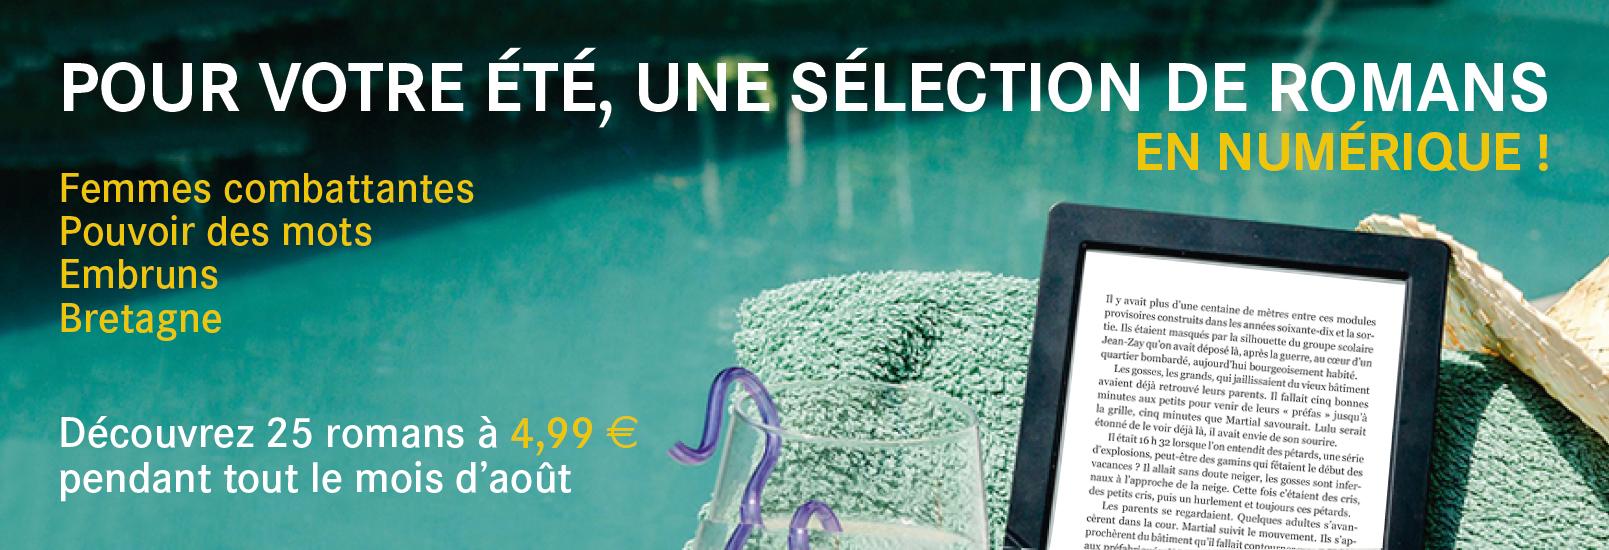 Sélection d'e-books des éditions du Rouergue à 4,99 € en août !